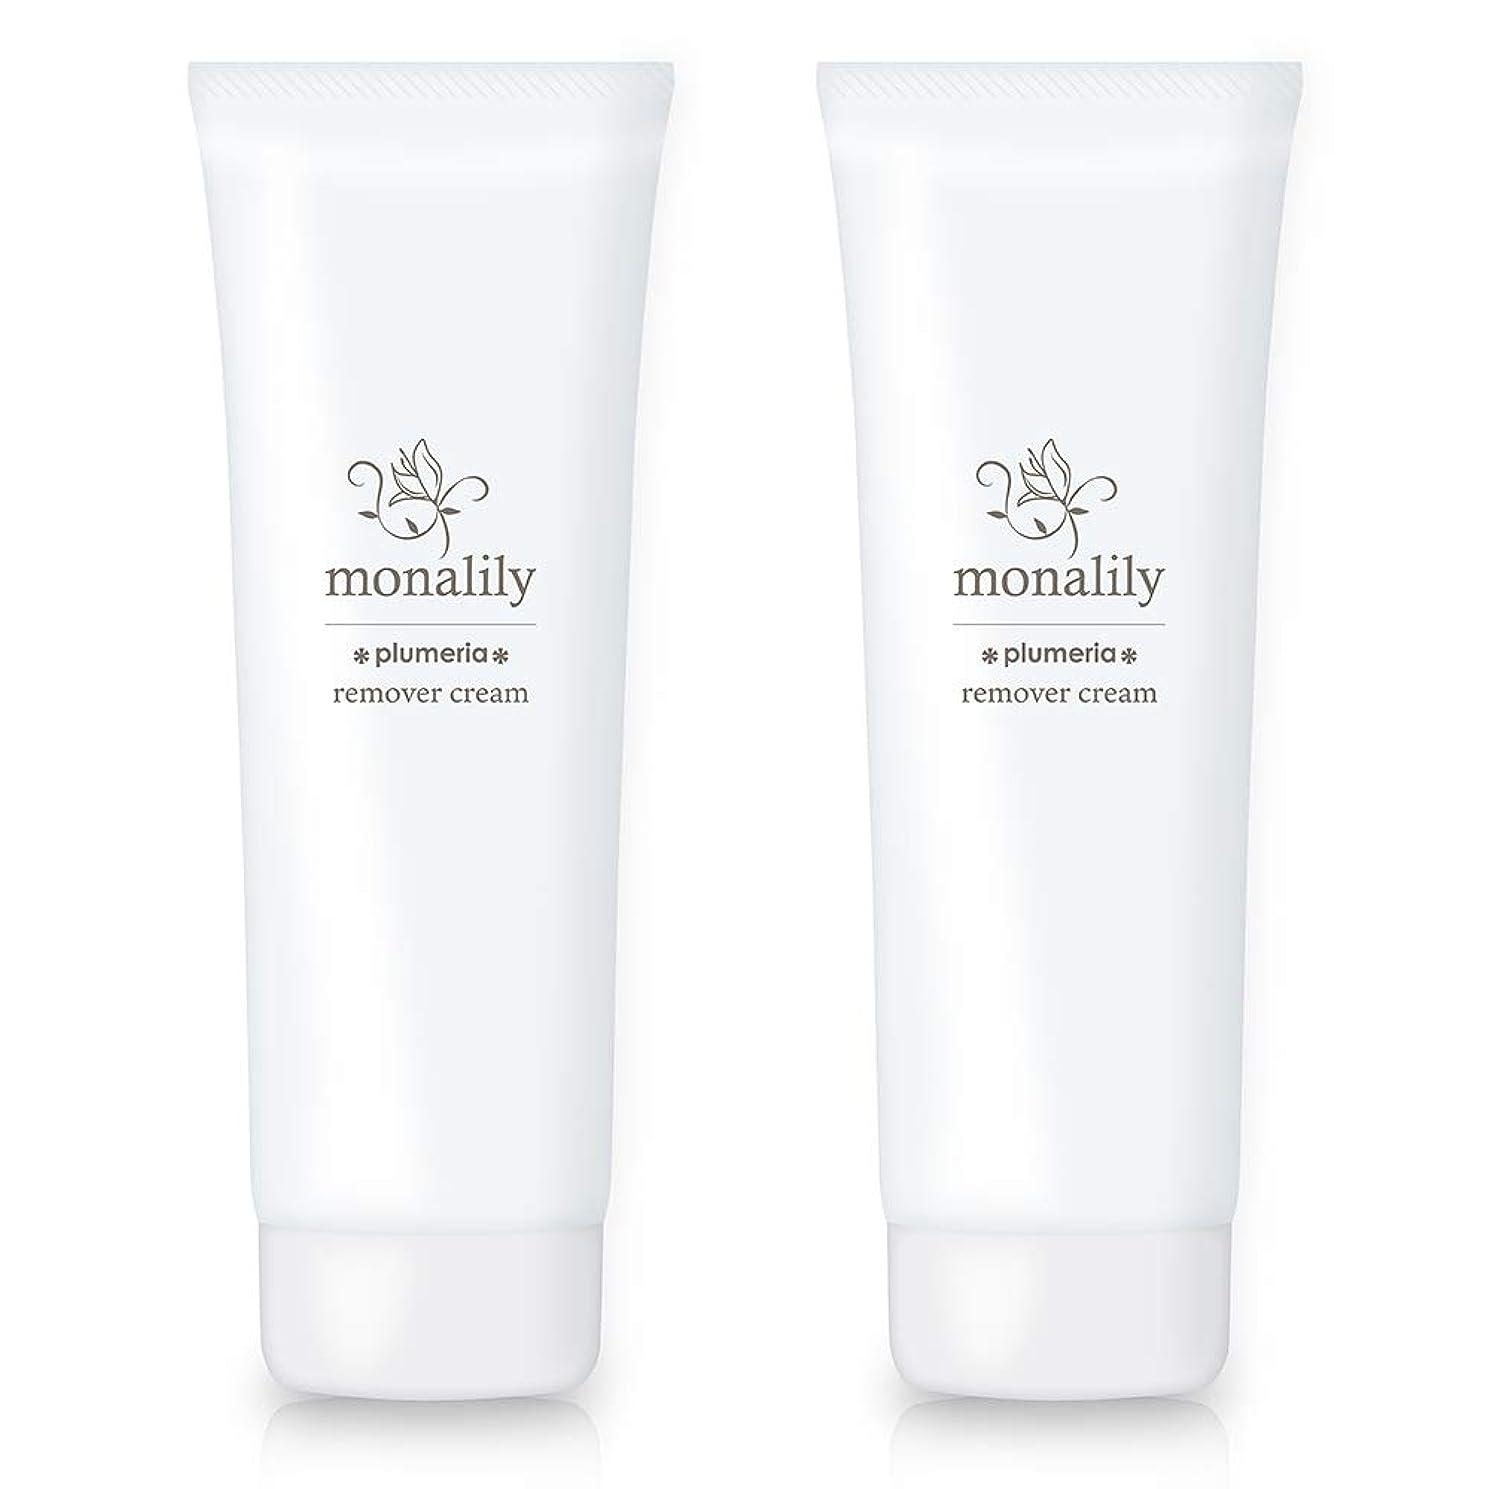 わずかなスチュワーデスダイジェストmonalily 除毛クリーム 女性用 180g 2個セット (デリケートゾーン/VIO/ボディ用) 医薬部外品